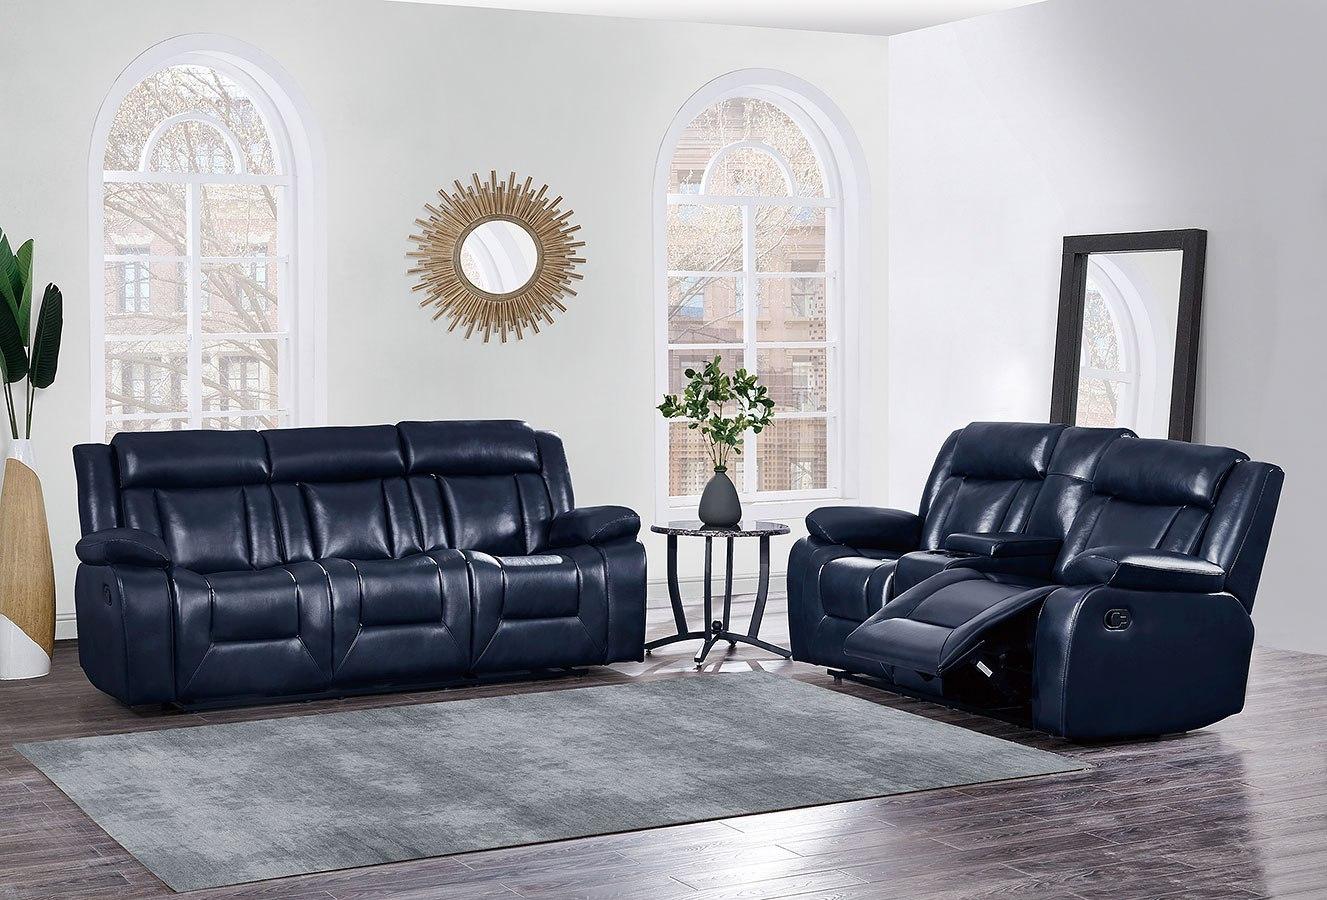 Image of: U8036 Reclining Living Room Set Blue By Global Furniture Furniturepick